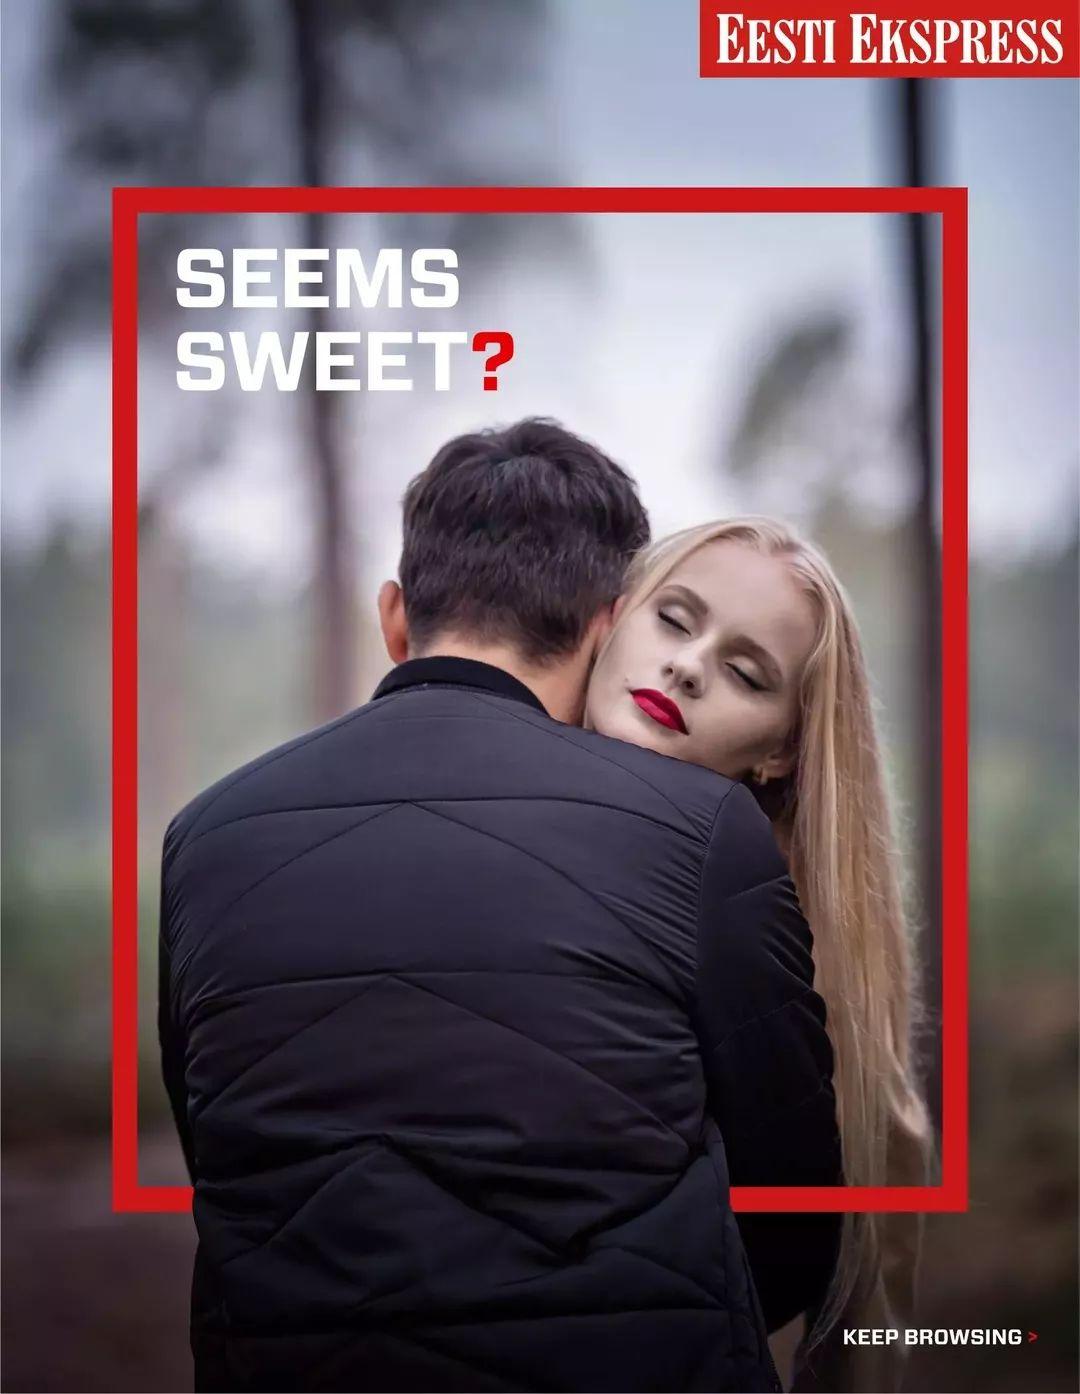 真相也许不是你想的那样!调查类报纸Eesti Ekspress平面广告